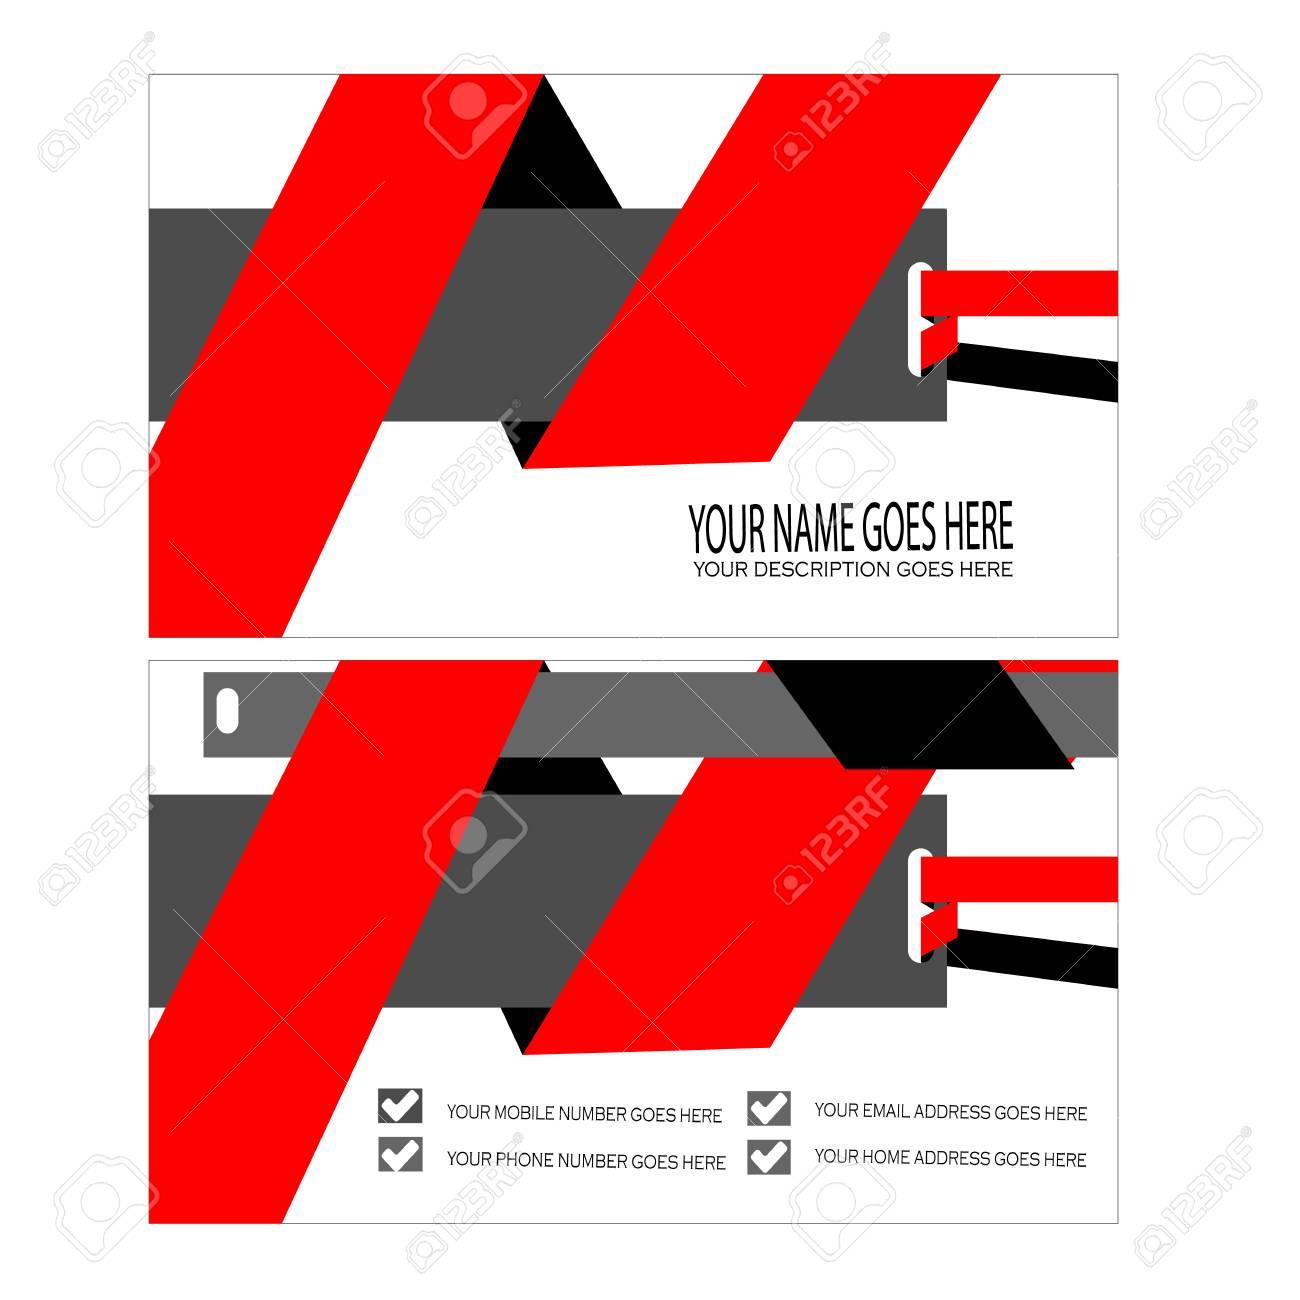 Modele De Carte Visite Rouge Cool Clip Art Libres Droits